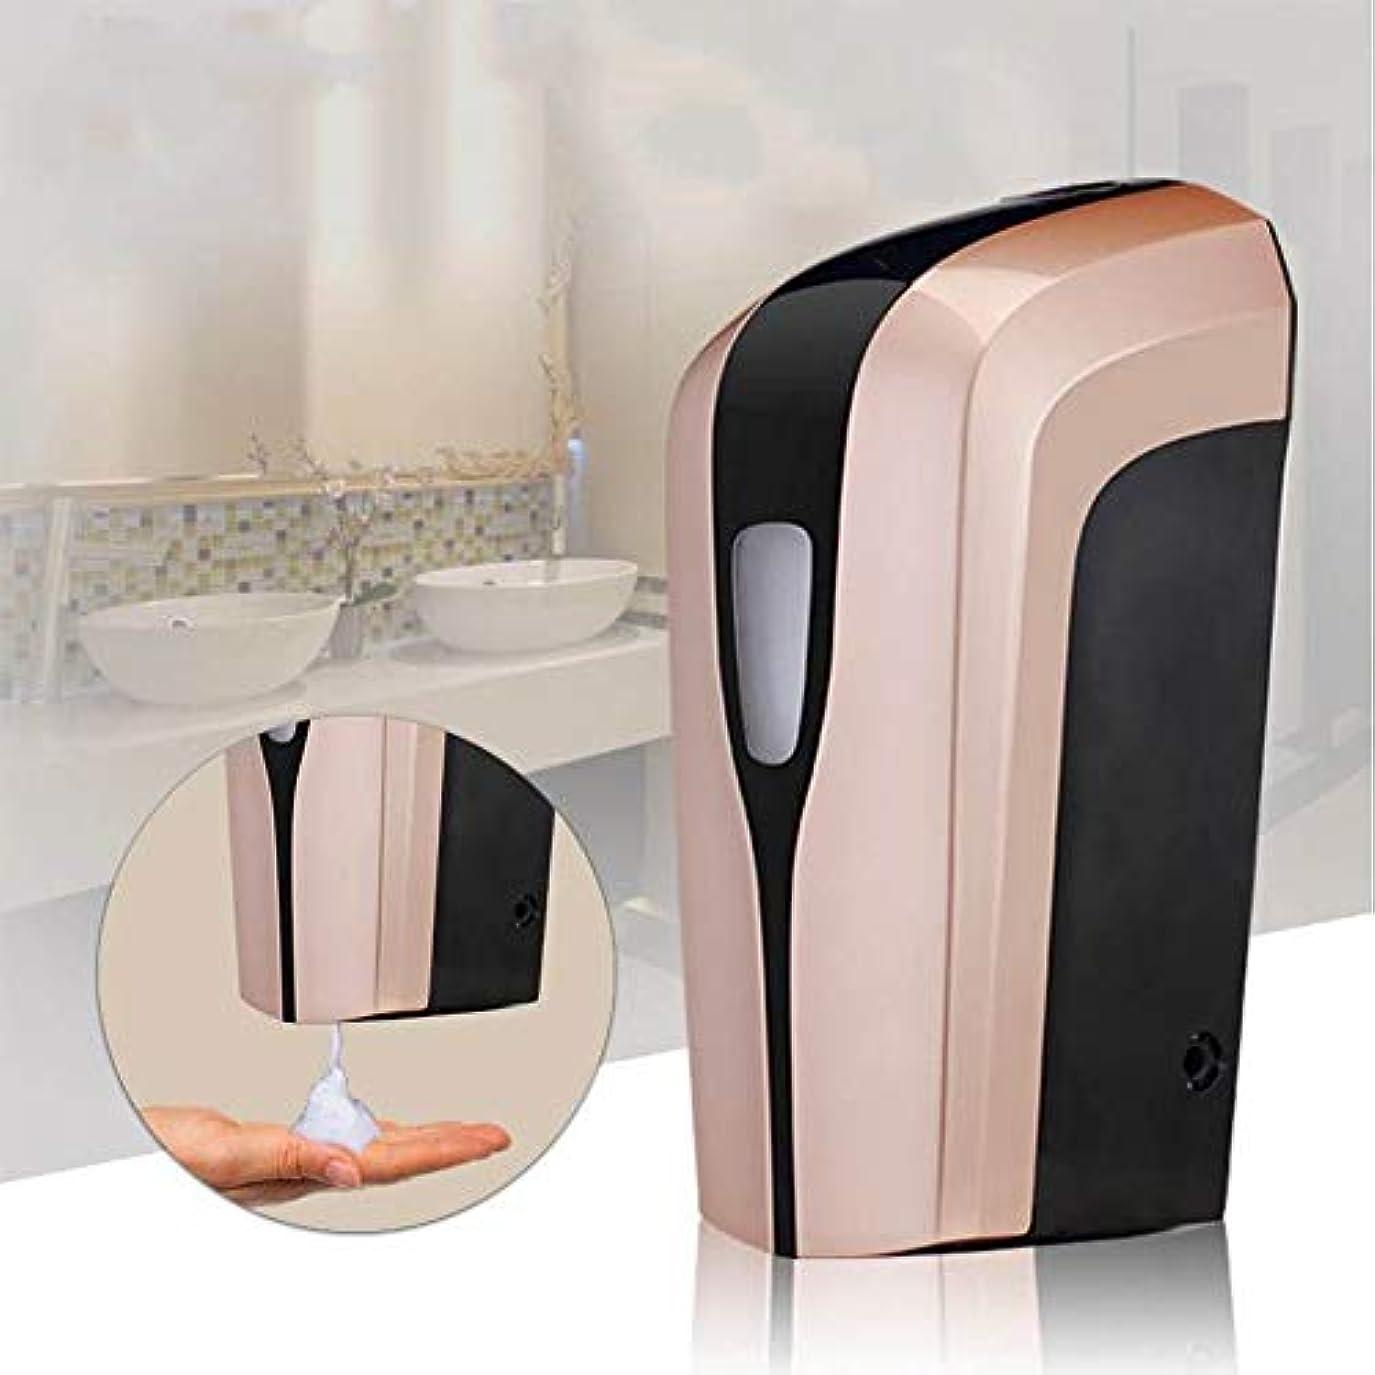 貝殻手首利用可能ソープディスペンサー 400ミリリットル容量の自動ソープディスペンサー、タッチレスバッテリーは電動ハンドフリーソープディスペンサーを運営しました ハンドソープ 食器用洗剤 キッチン 洗面所などに適用 (Color : Local...